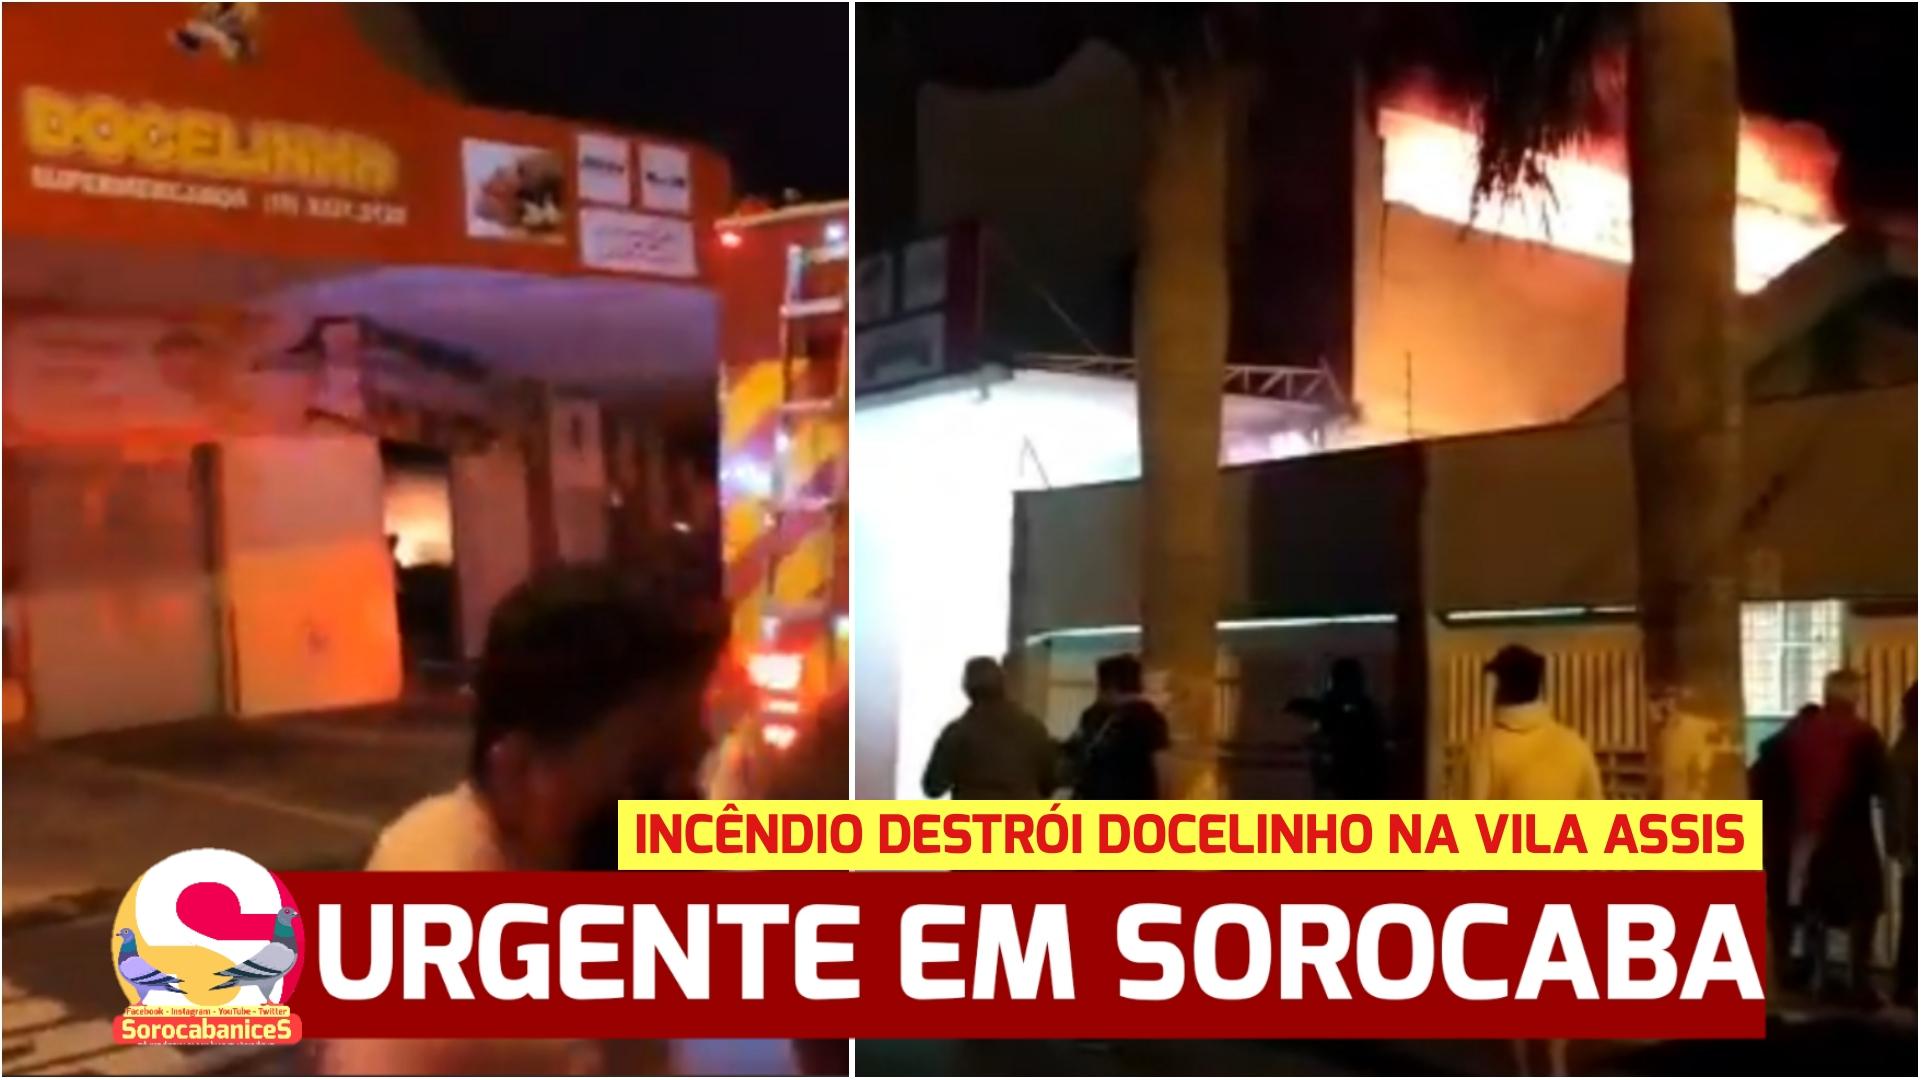 URGENTE: Incêndio toma conta da Docelinho na Vila Assis em Sorocaba; vídeo